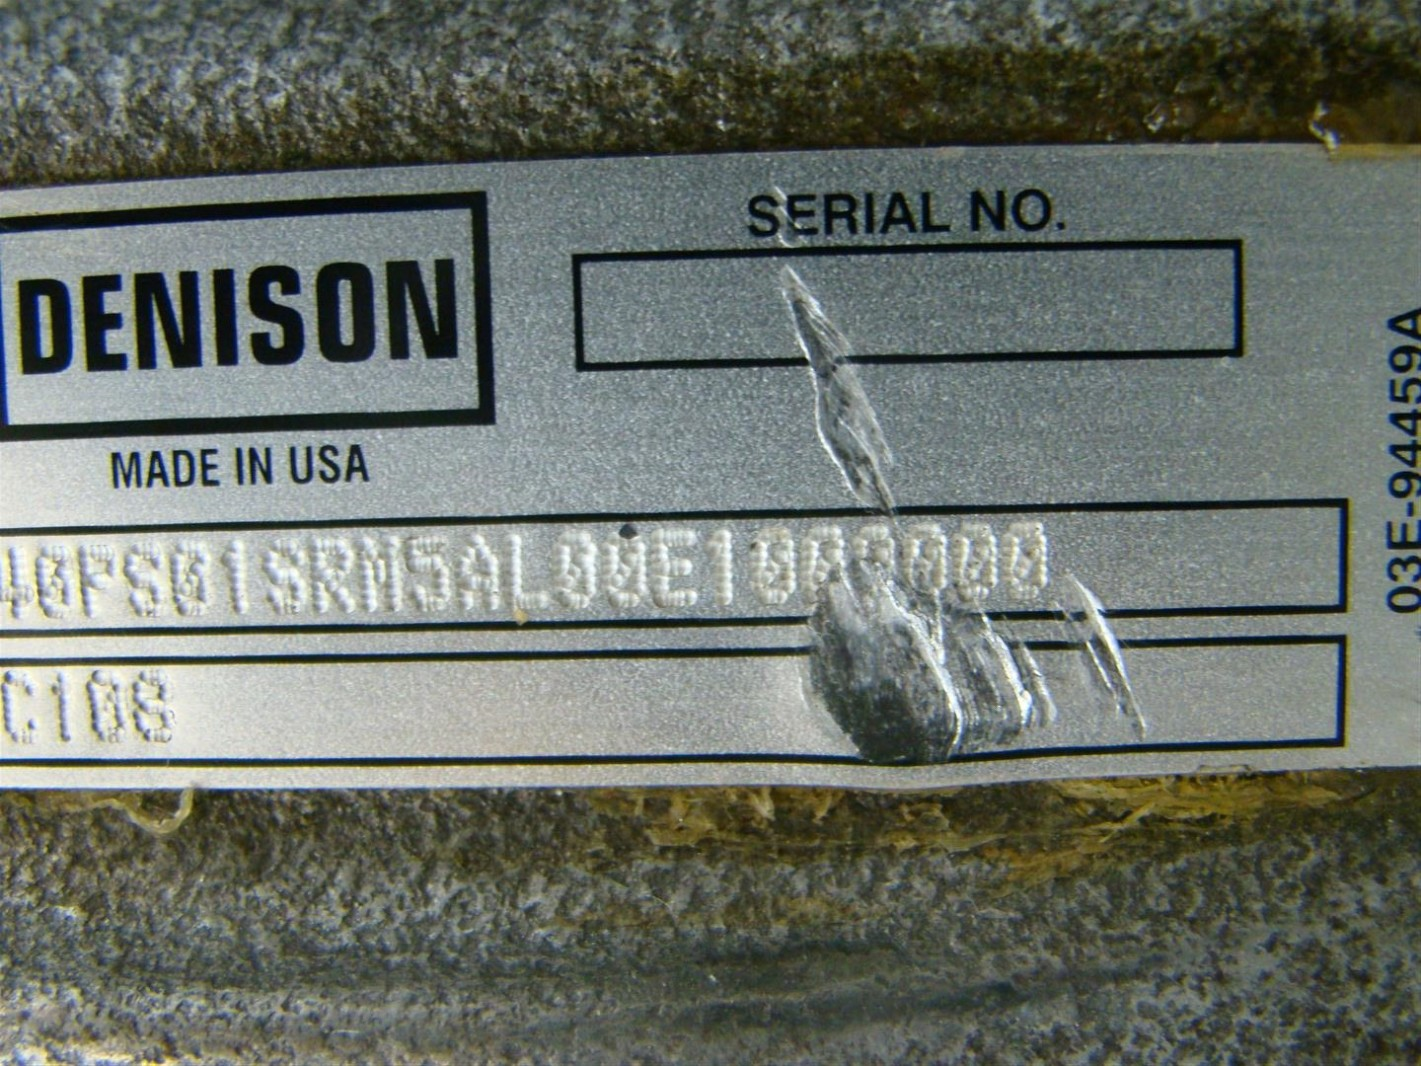 PARKER  DENISON  P1 AXIAL PISTON  PUMP 1.72 SHAFT    93E-93182 H18C108